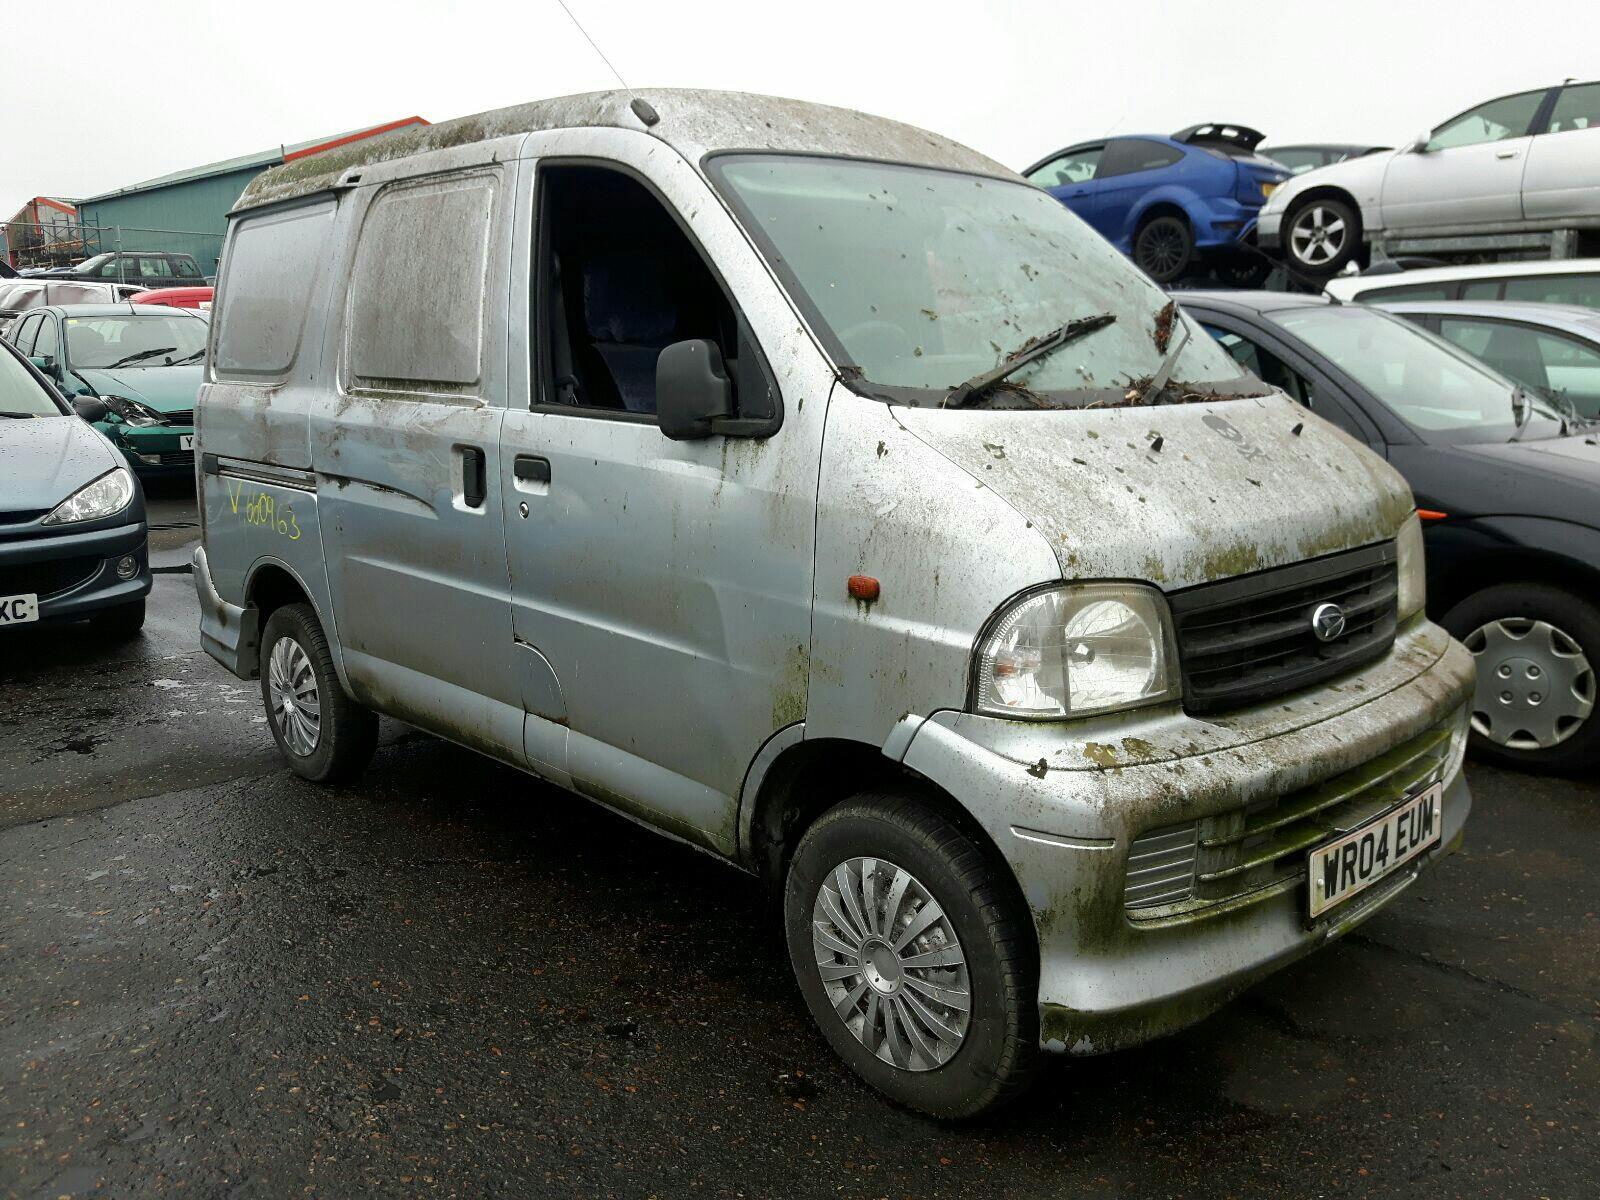 DAIHATSU EXTOL 16V 5010650